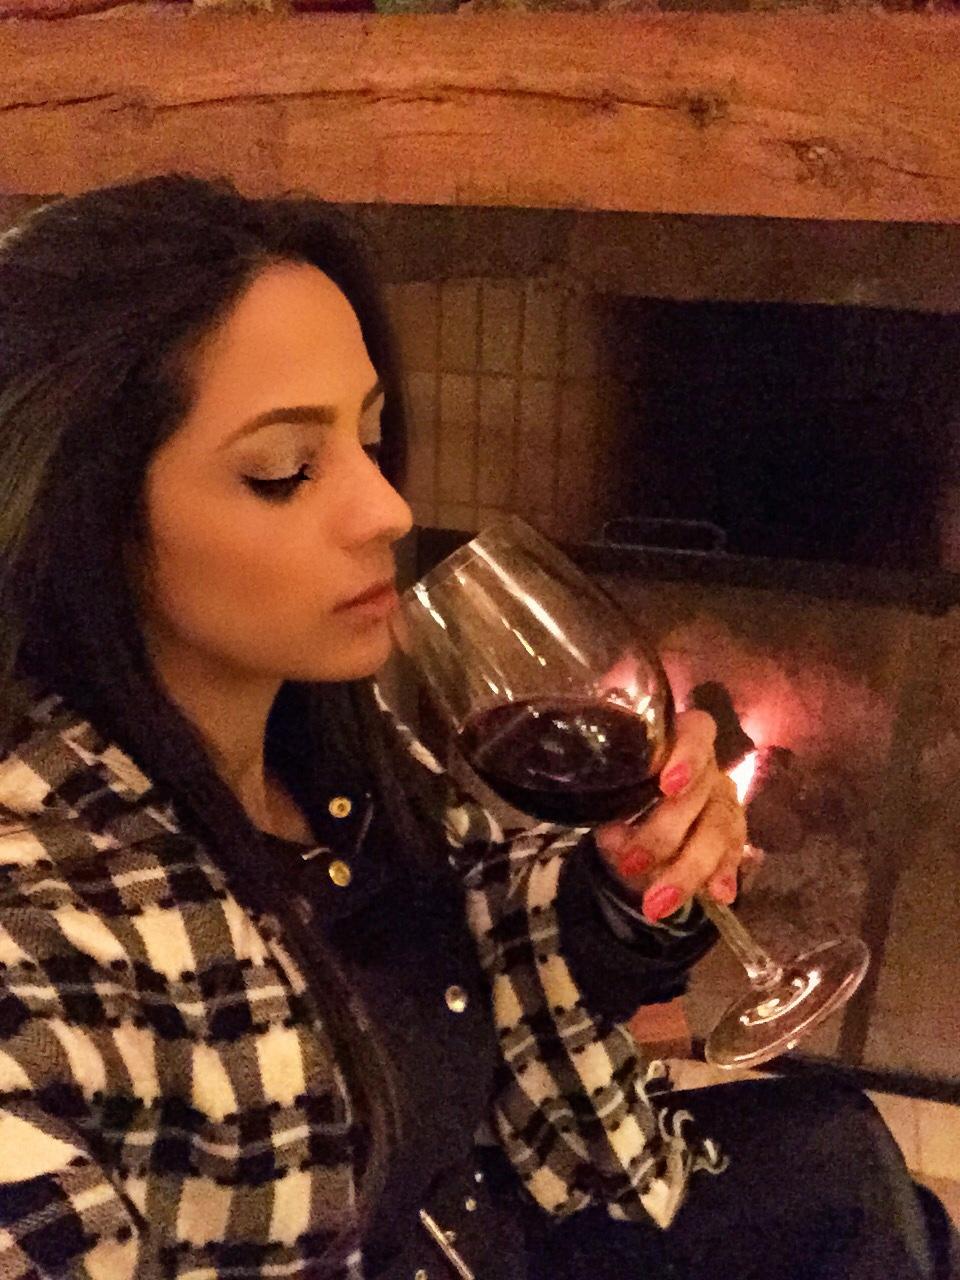 Tem coisa mais gostosa que tomar vinho se aquecendo em frente a lareira?